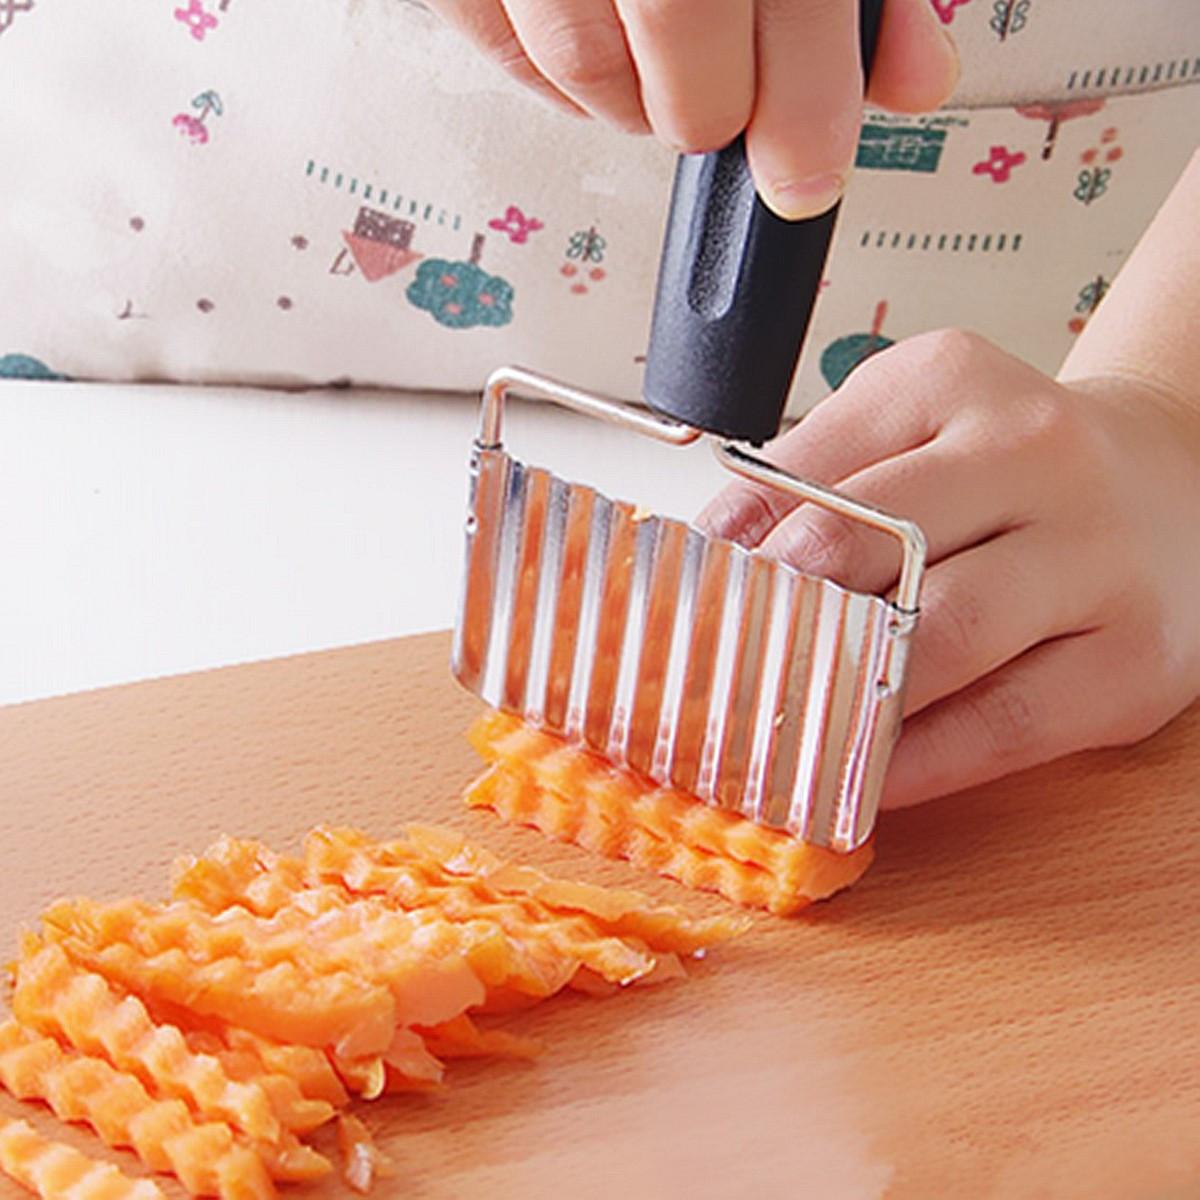 Нержавеющая сталь Ручка Картофельные Морковь Волнистые Cutter Картофель фри Чипсы Чиппер Cutter Slicer Chipper 1TopShop